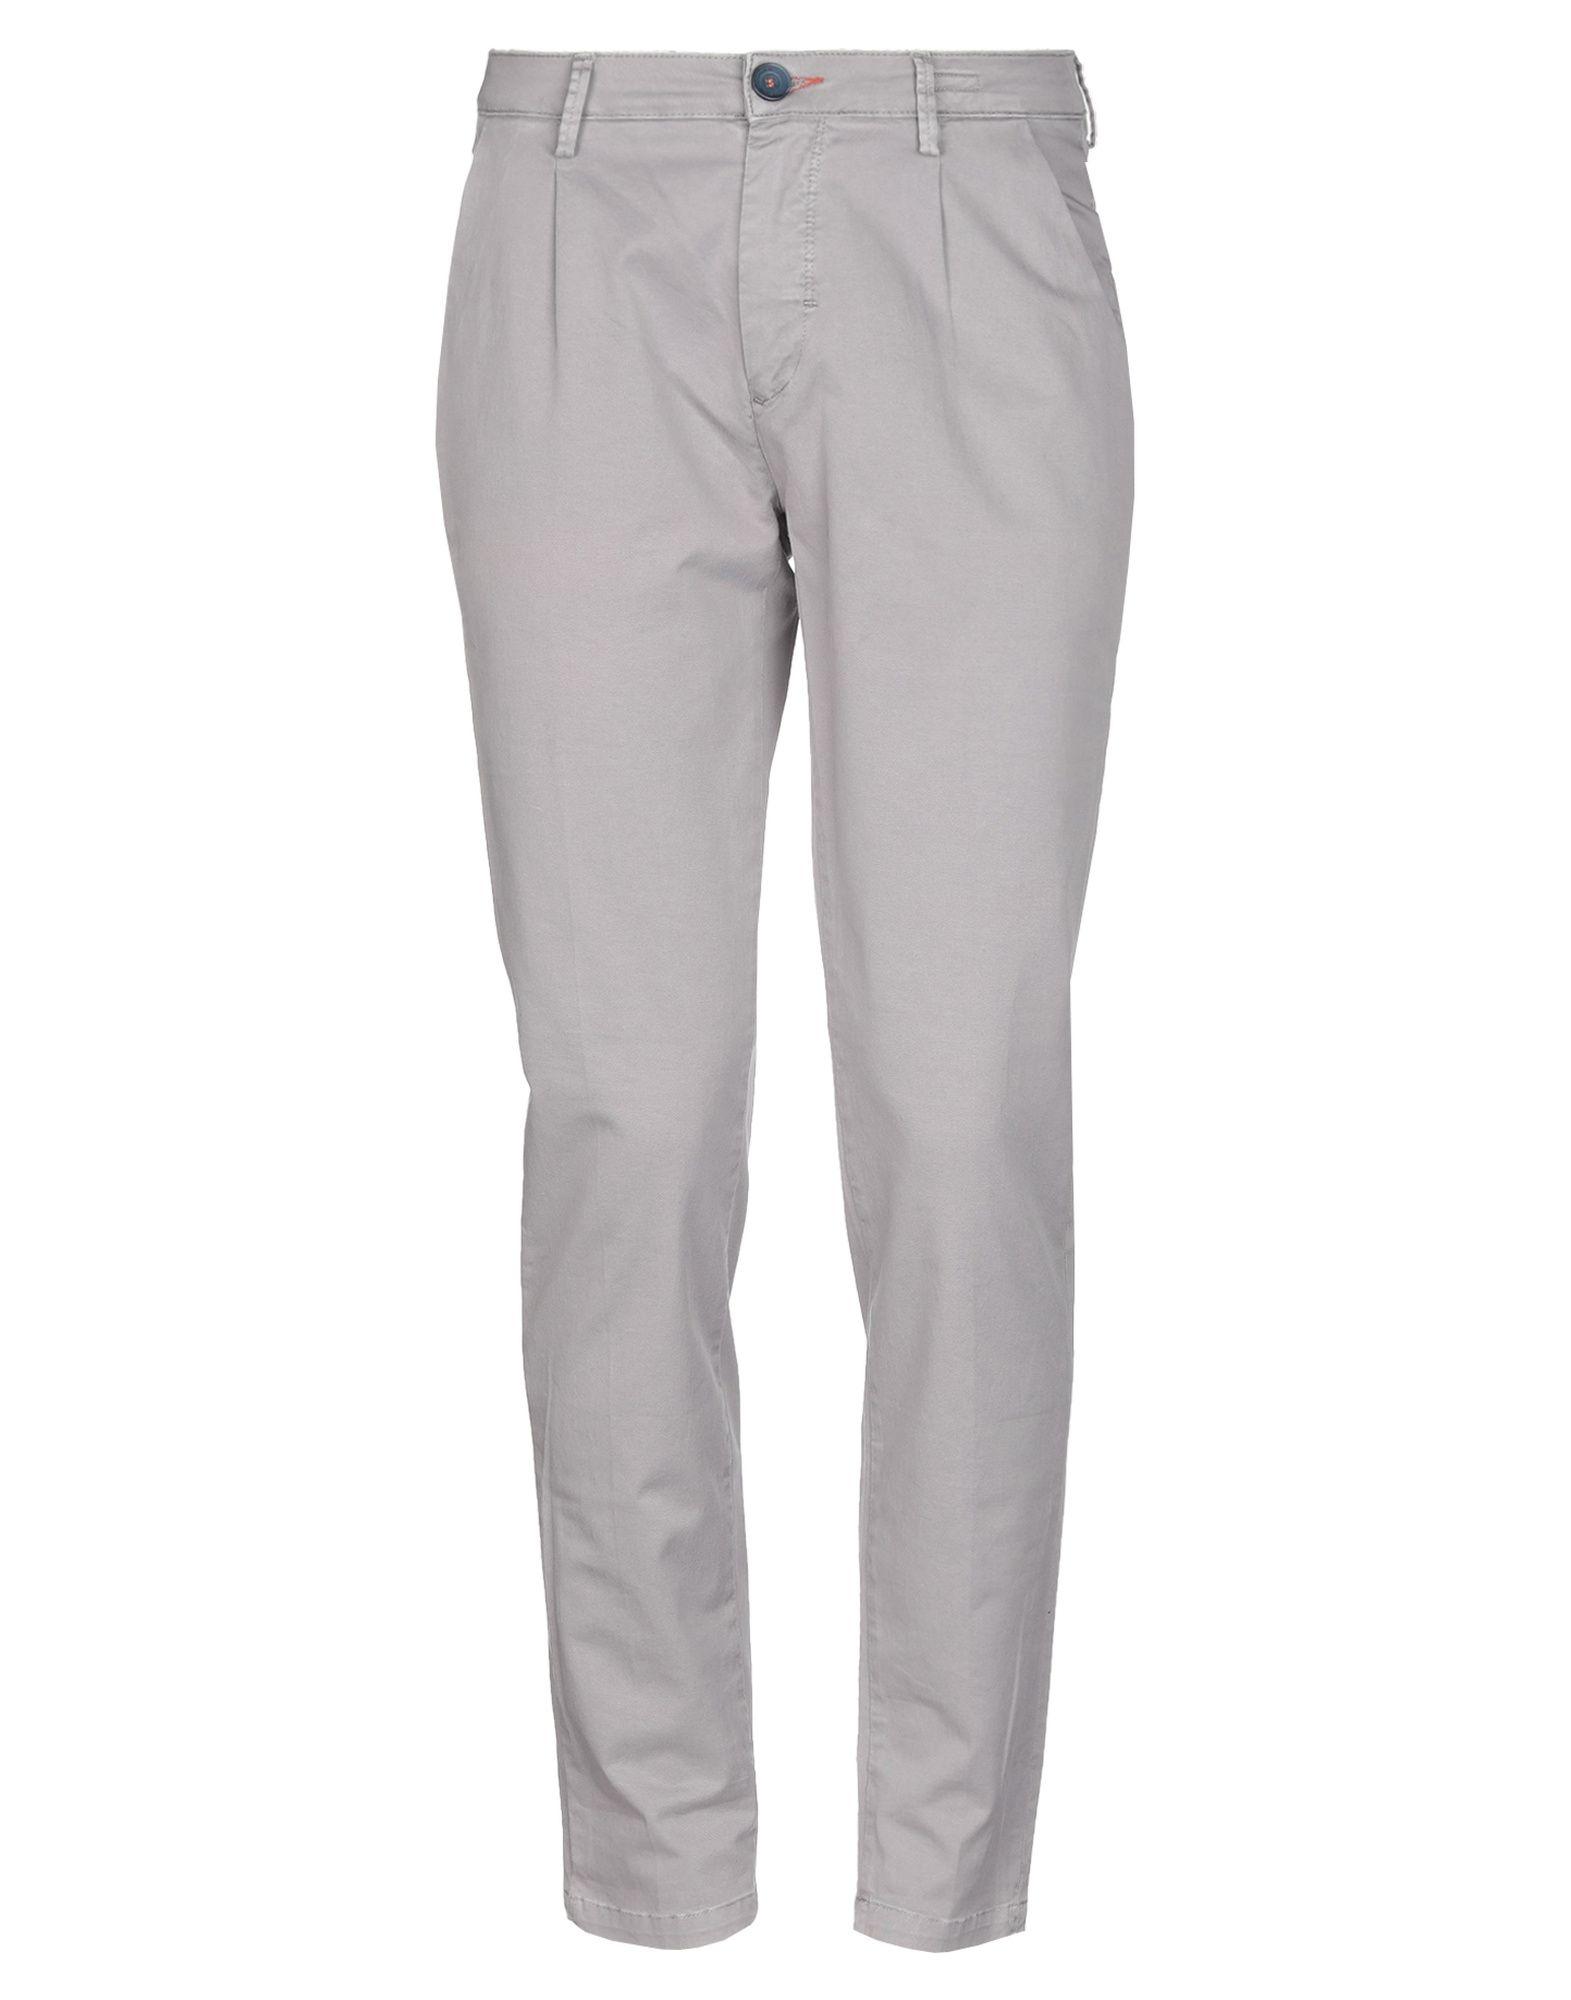 YAN SIMMON Повседневные брюки брюки чинос quelle quelle 920895